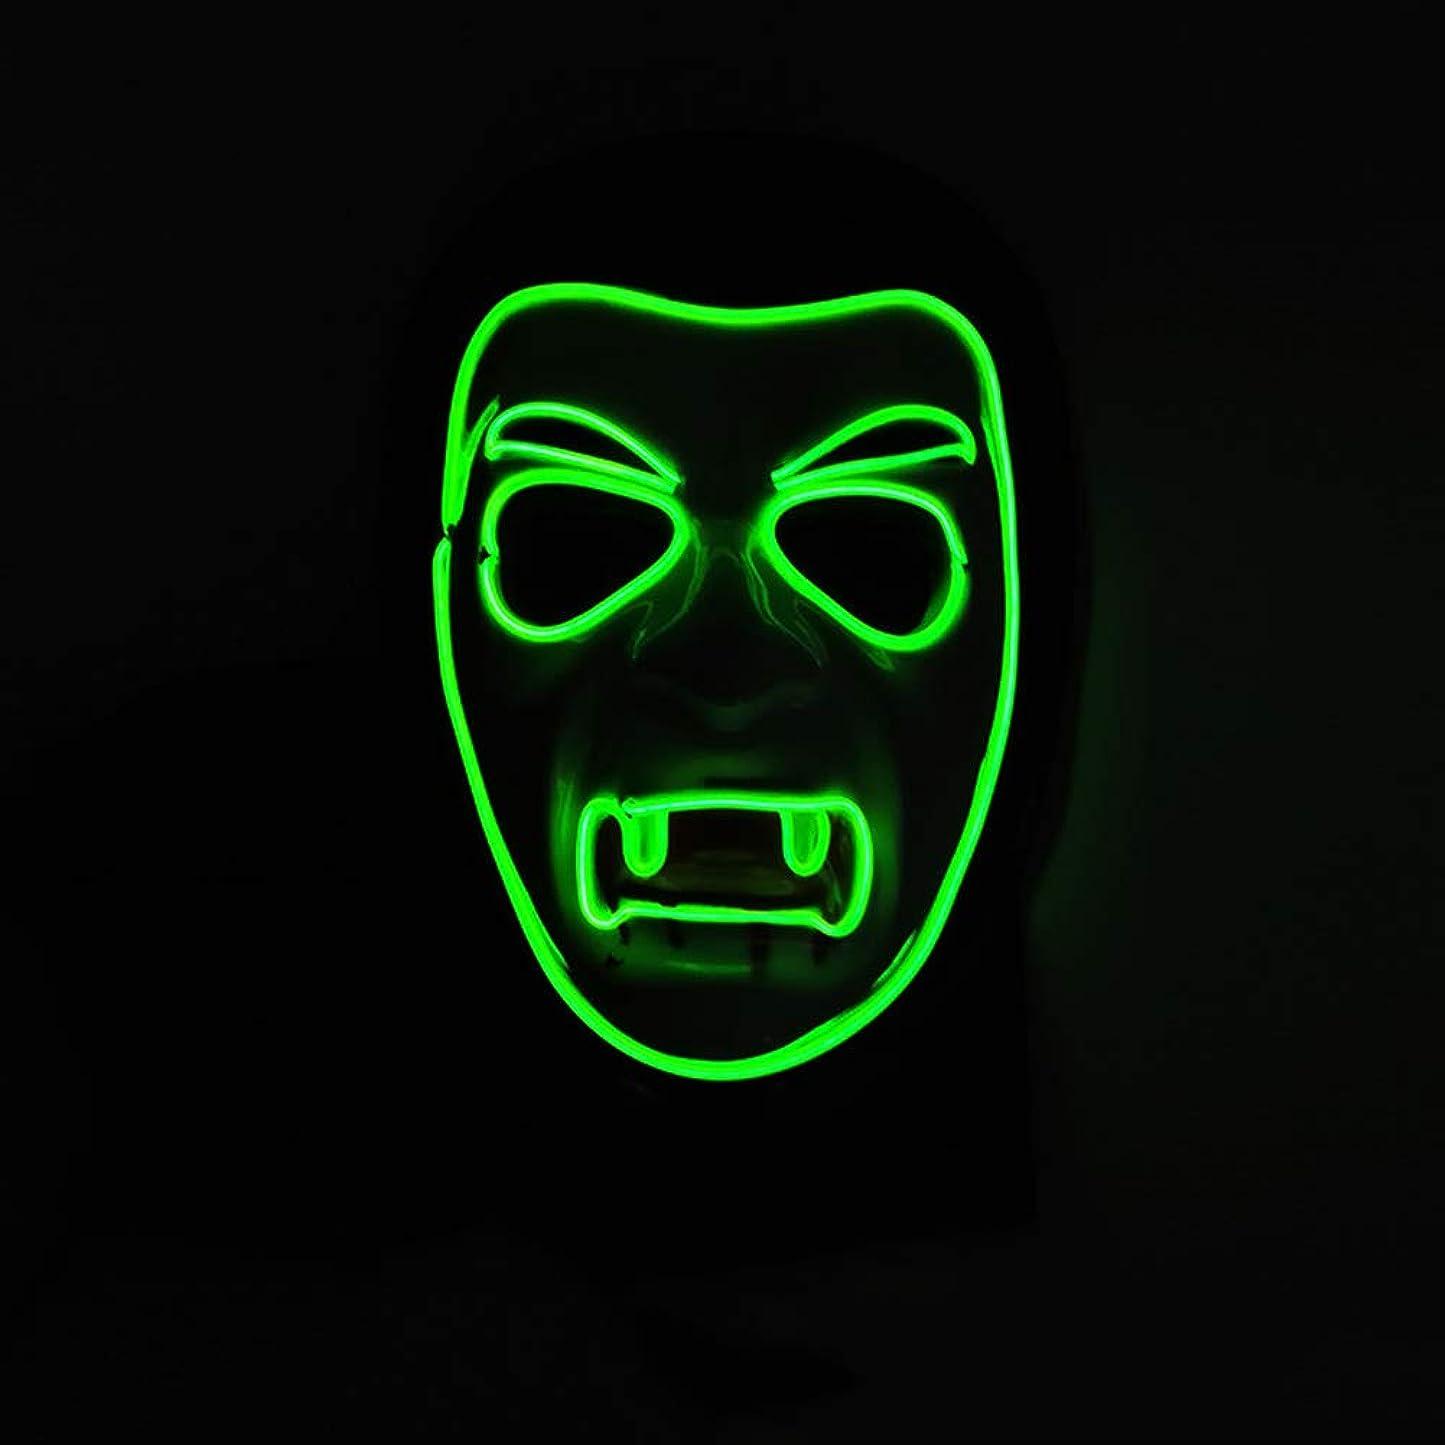 ソフトウェア共感する投獄ハロウィン 吸血鬼 テロ イルミネーション LED マスク エル ワイヤー 化粧 プロム パーティー 装飾 マスク (18 * 18 * 9センチメートル) MAG.AL